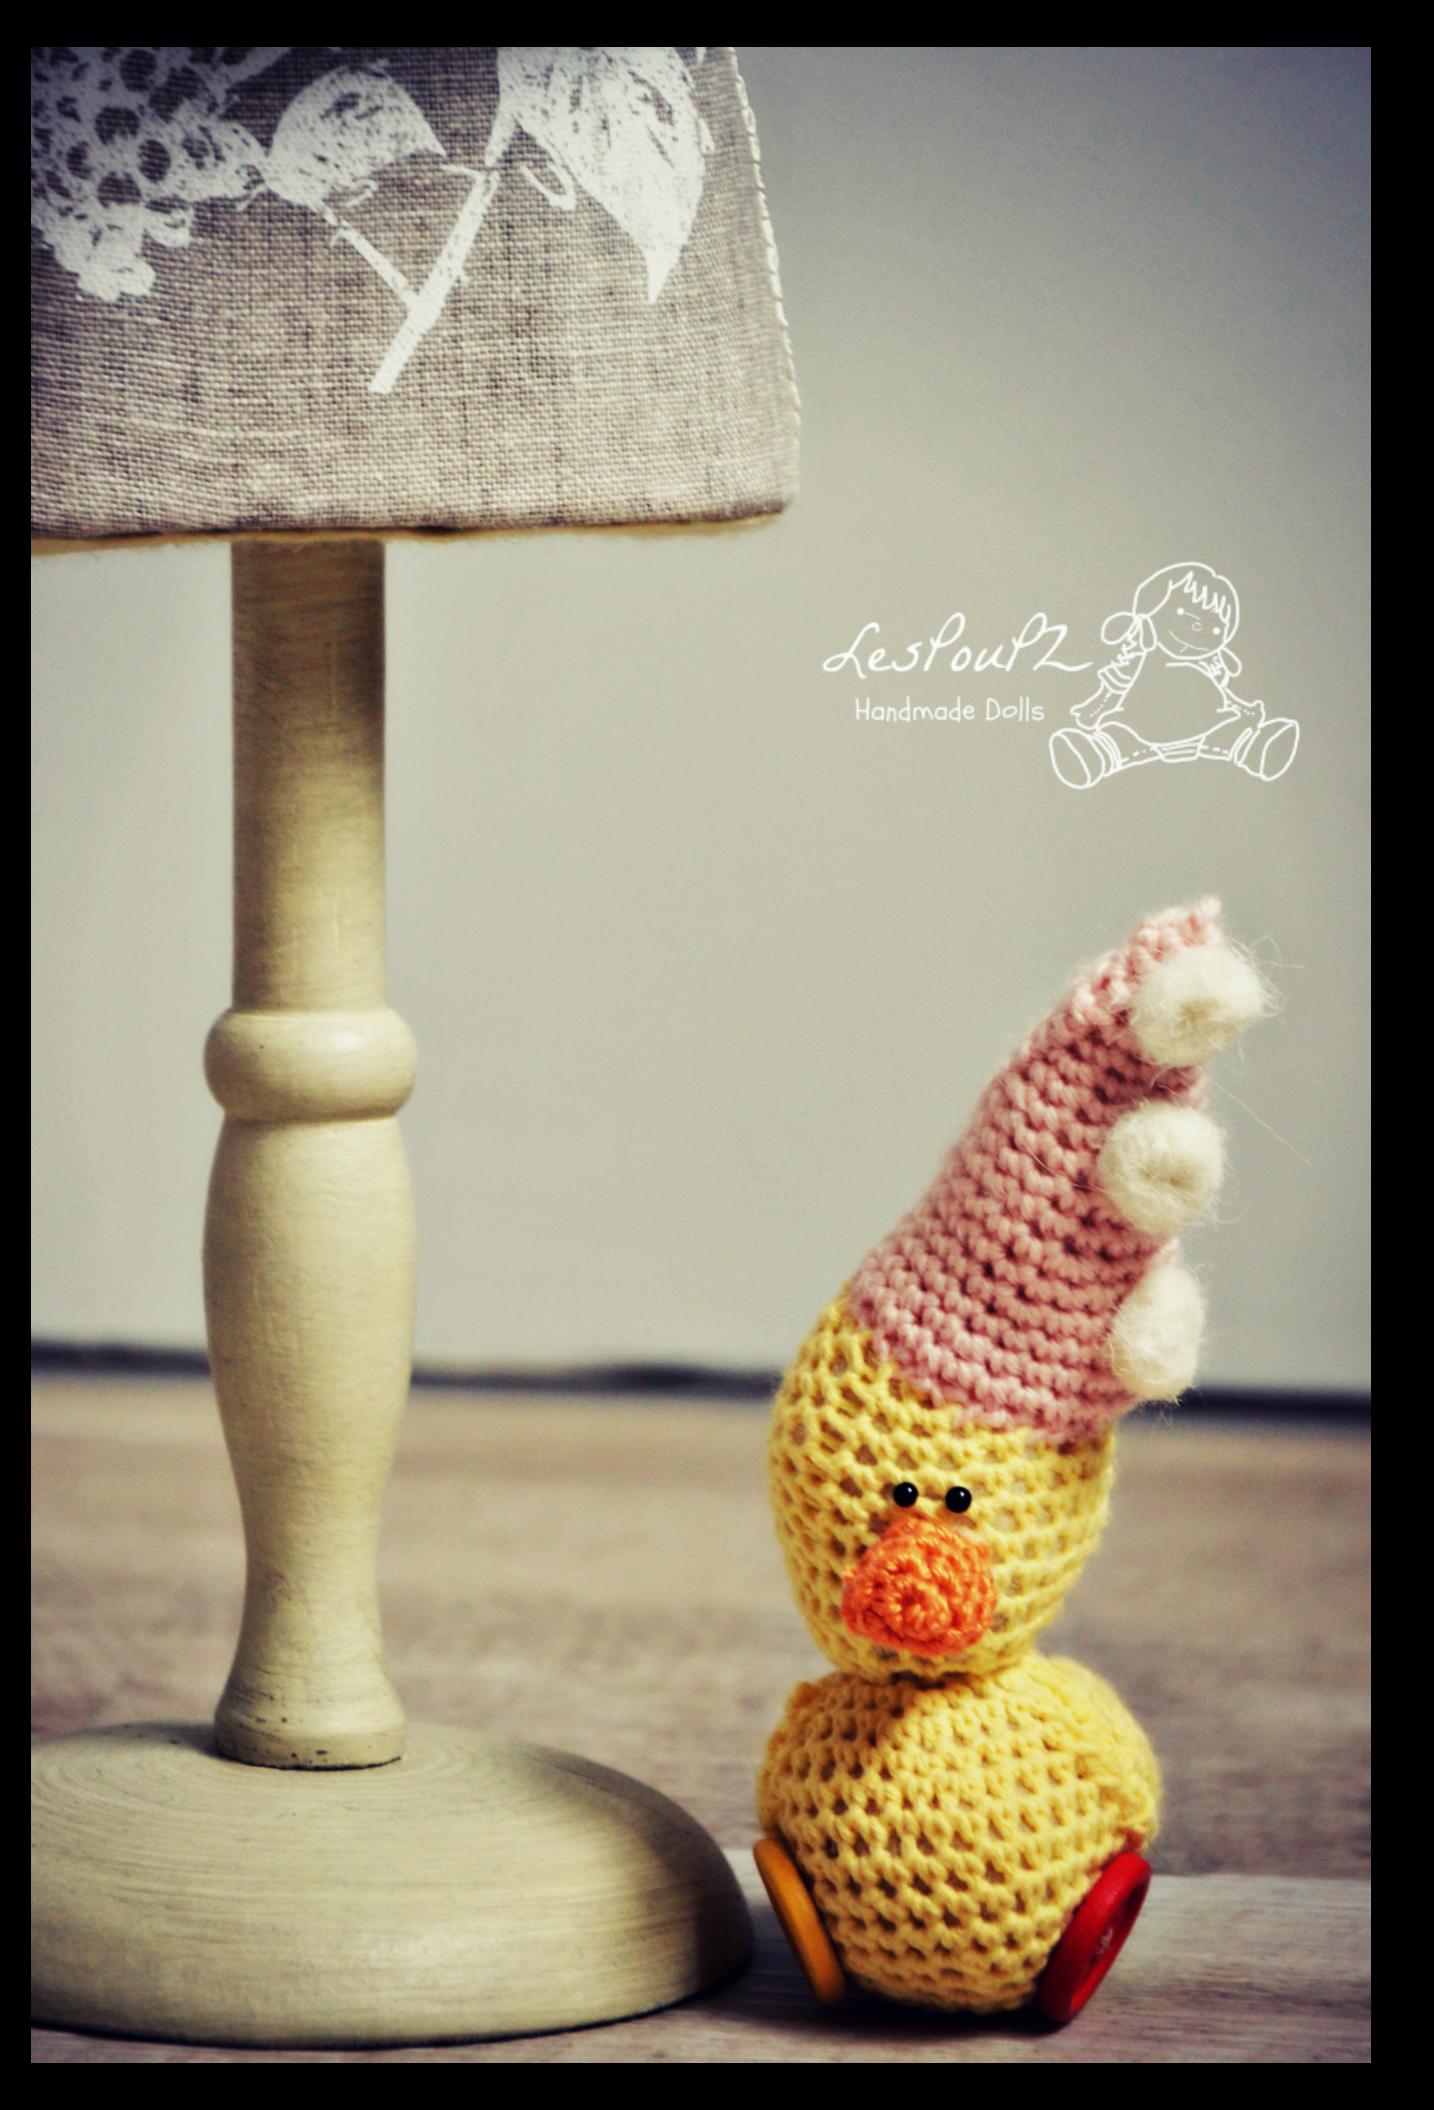 Yvon's duck toy